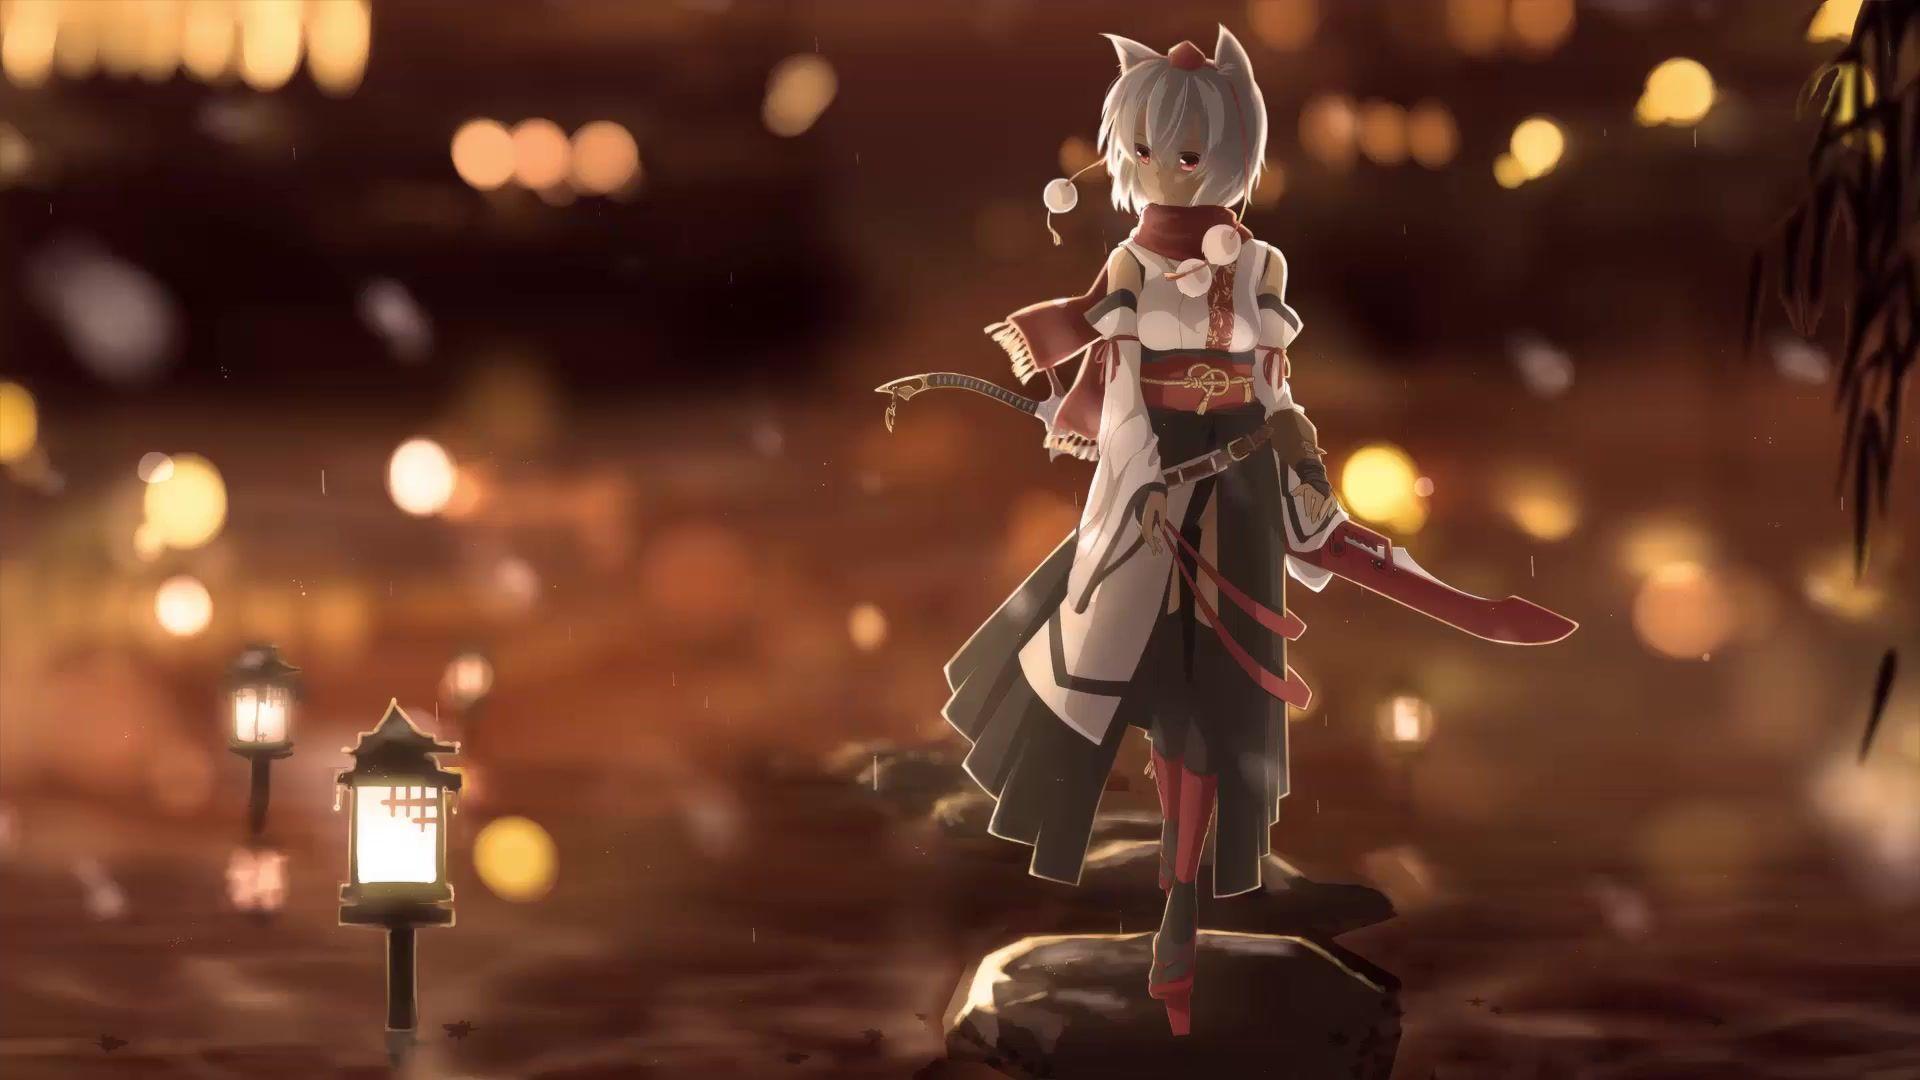 1920x1080 Touhou Fox Girl Anime Hình nền sống HD